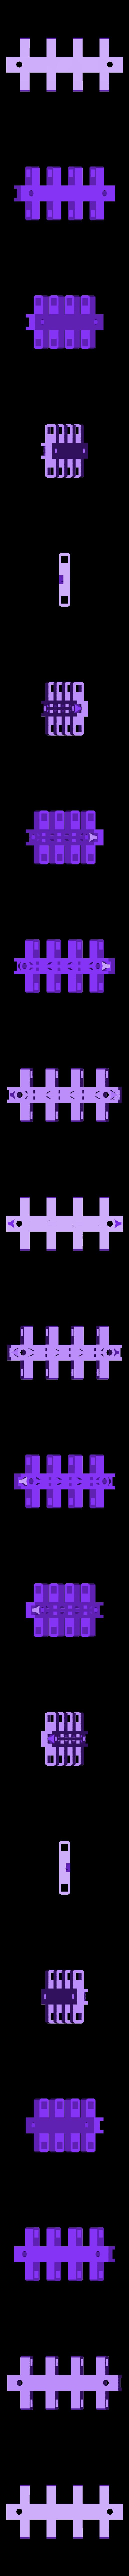 T-34-76 - track_1_NARROW.stl Télécharger fichier STL T-34/76 pour l'assemblage, avec voies mobiles • Objet pour imprimante 3D, c47